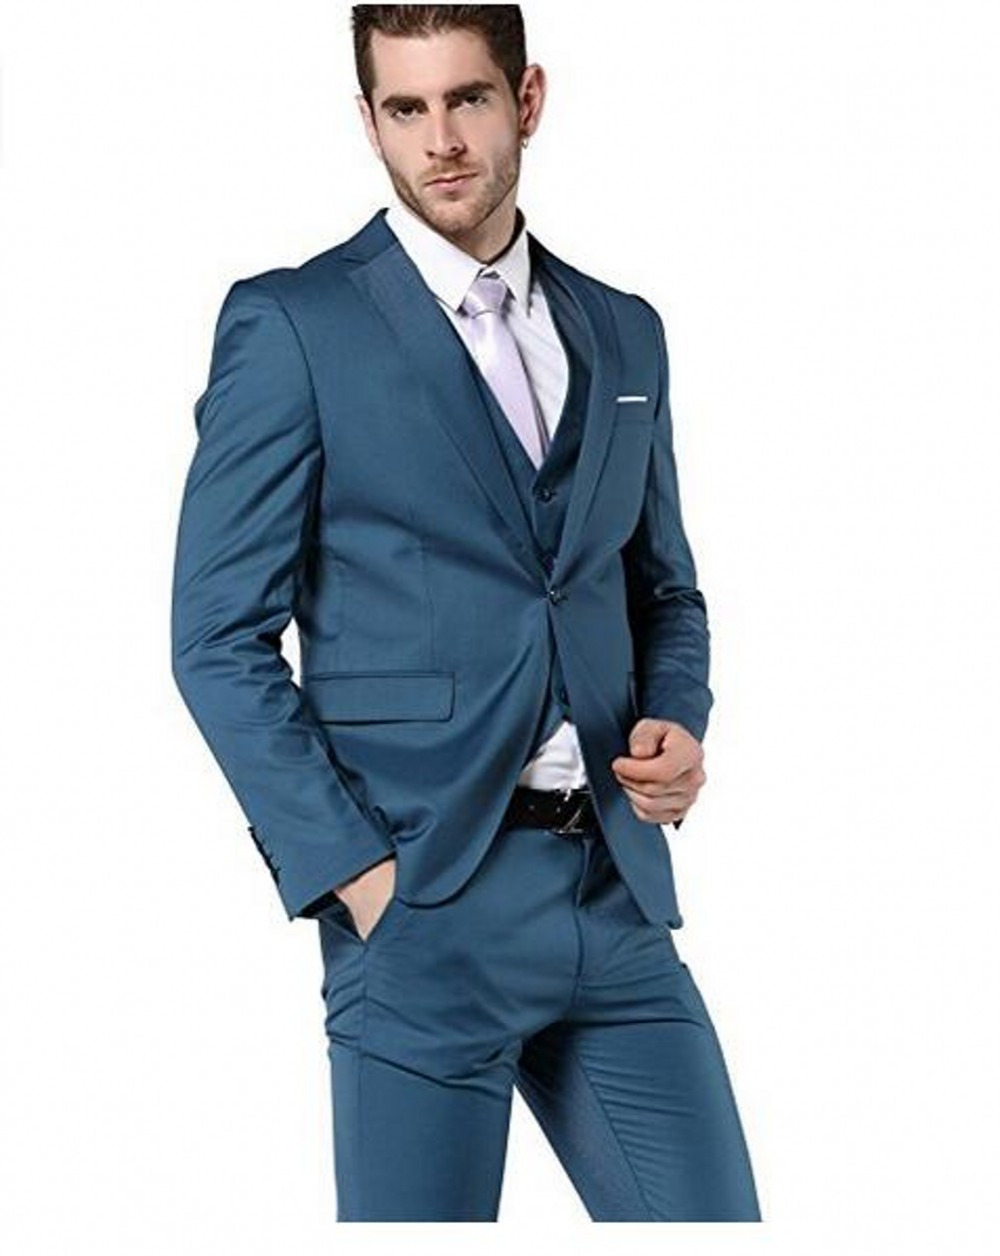 cheap 3 piece suits for sale hardon clothes. Black Bedroom Furniture Sets. Home Design Ideas